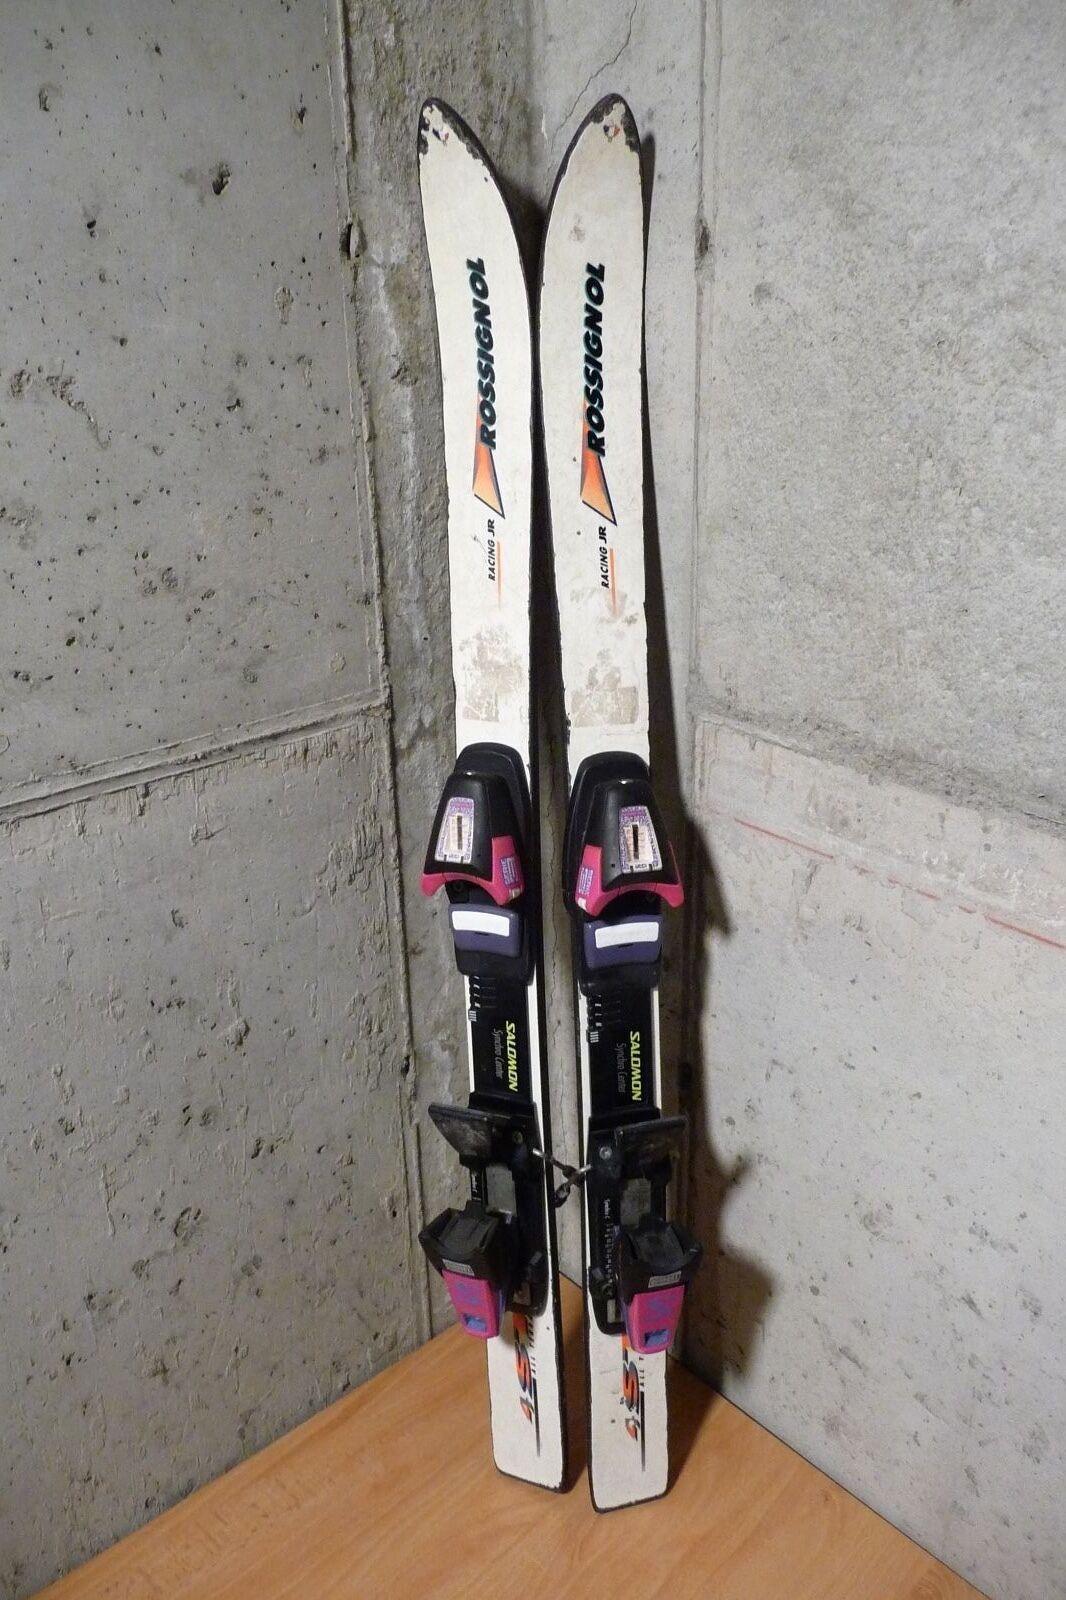 Kid skis Vintage Rossignol Racing JR 100 cm Salomon Series 3 bindings